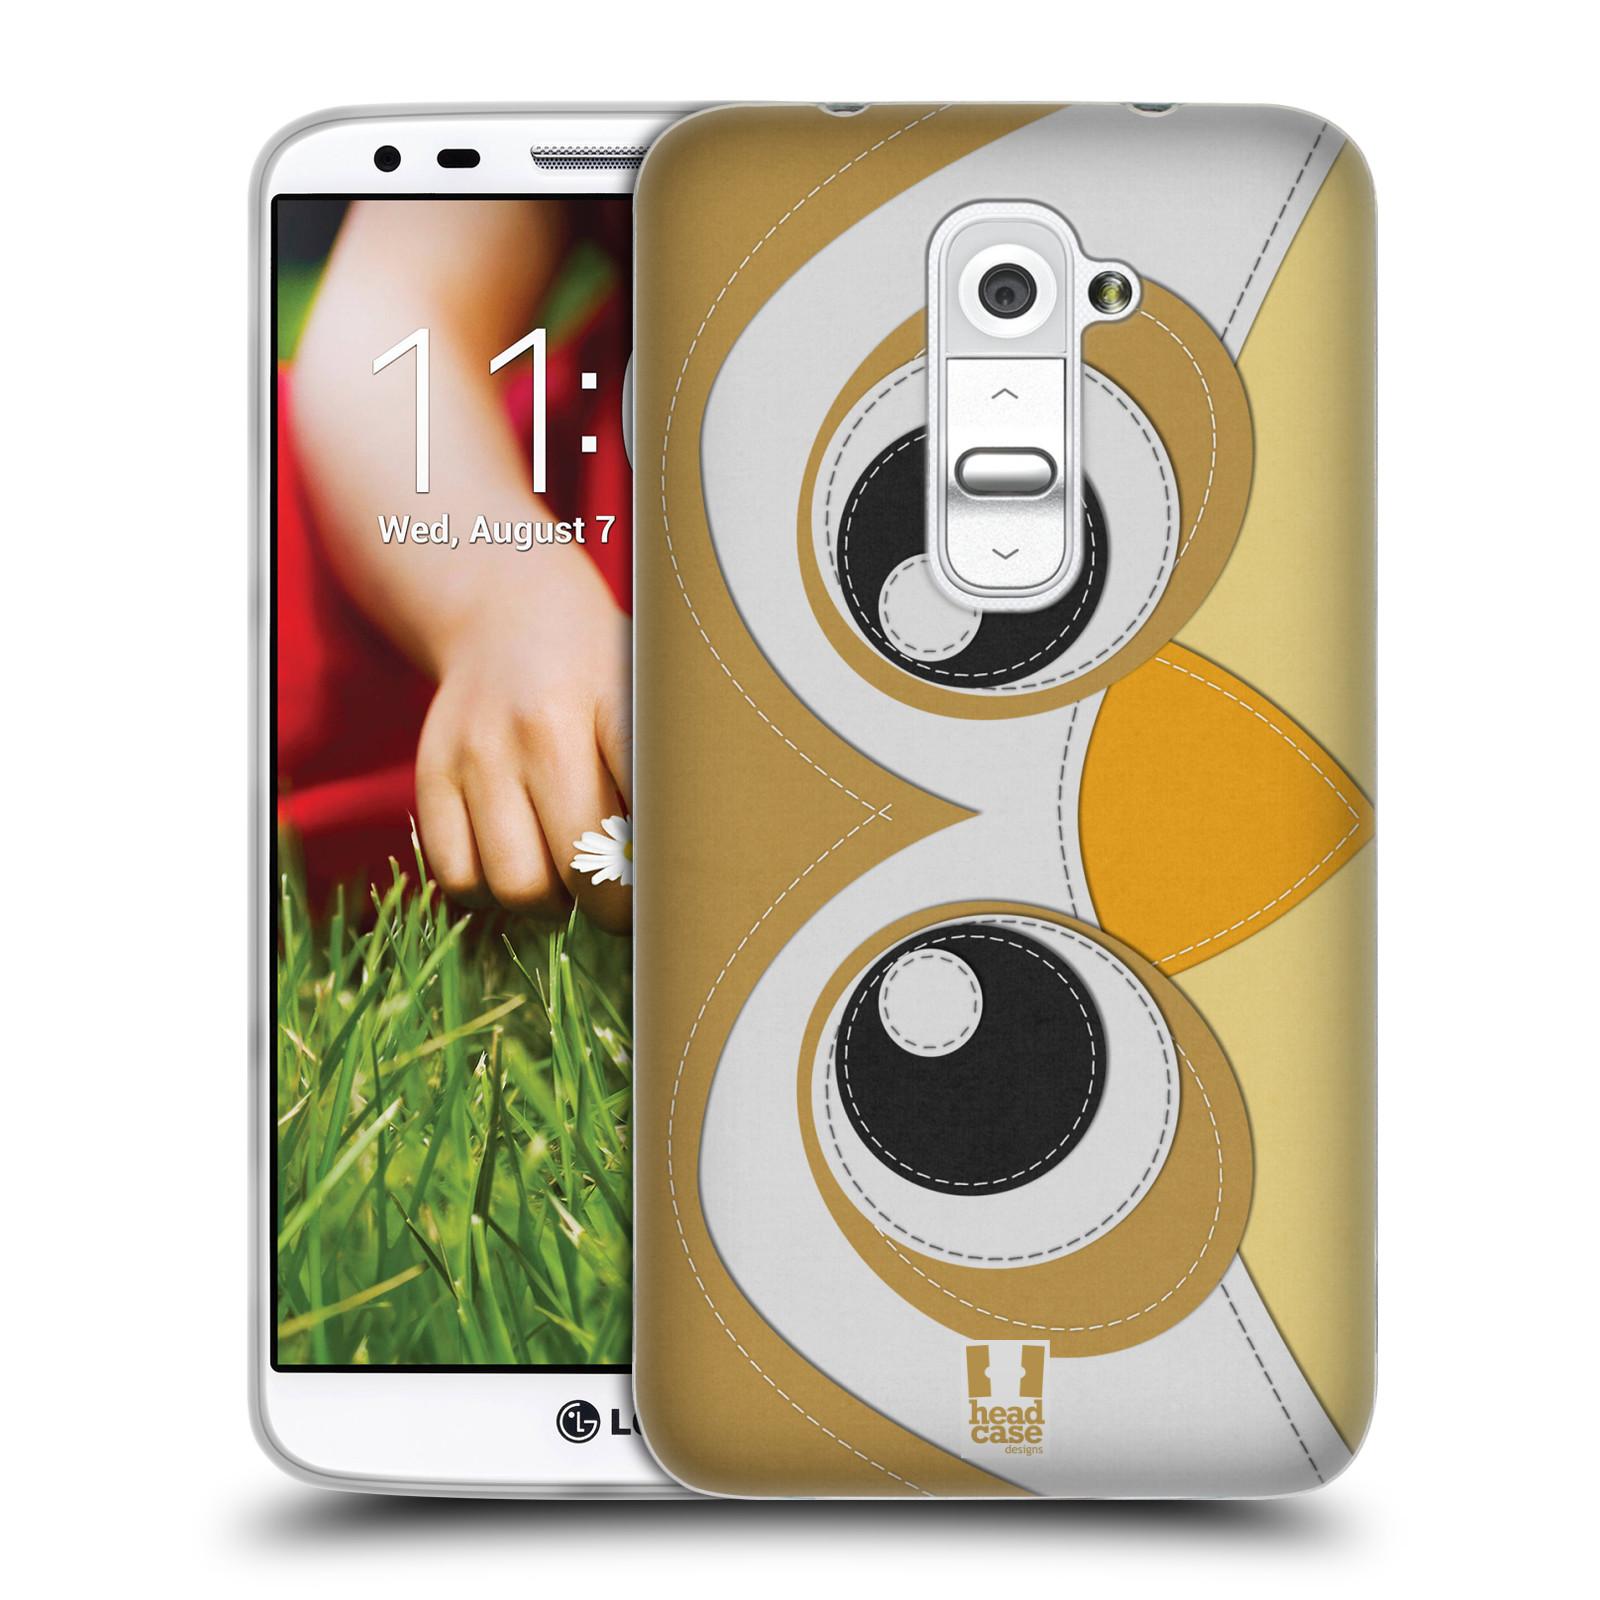 HEAD CASE silikonový obal na mobil LG G2 vzor zvířecí nášivka sovička